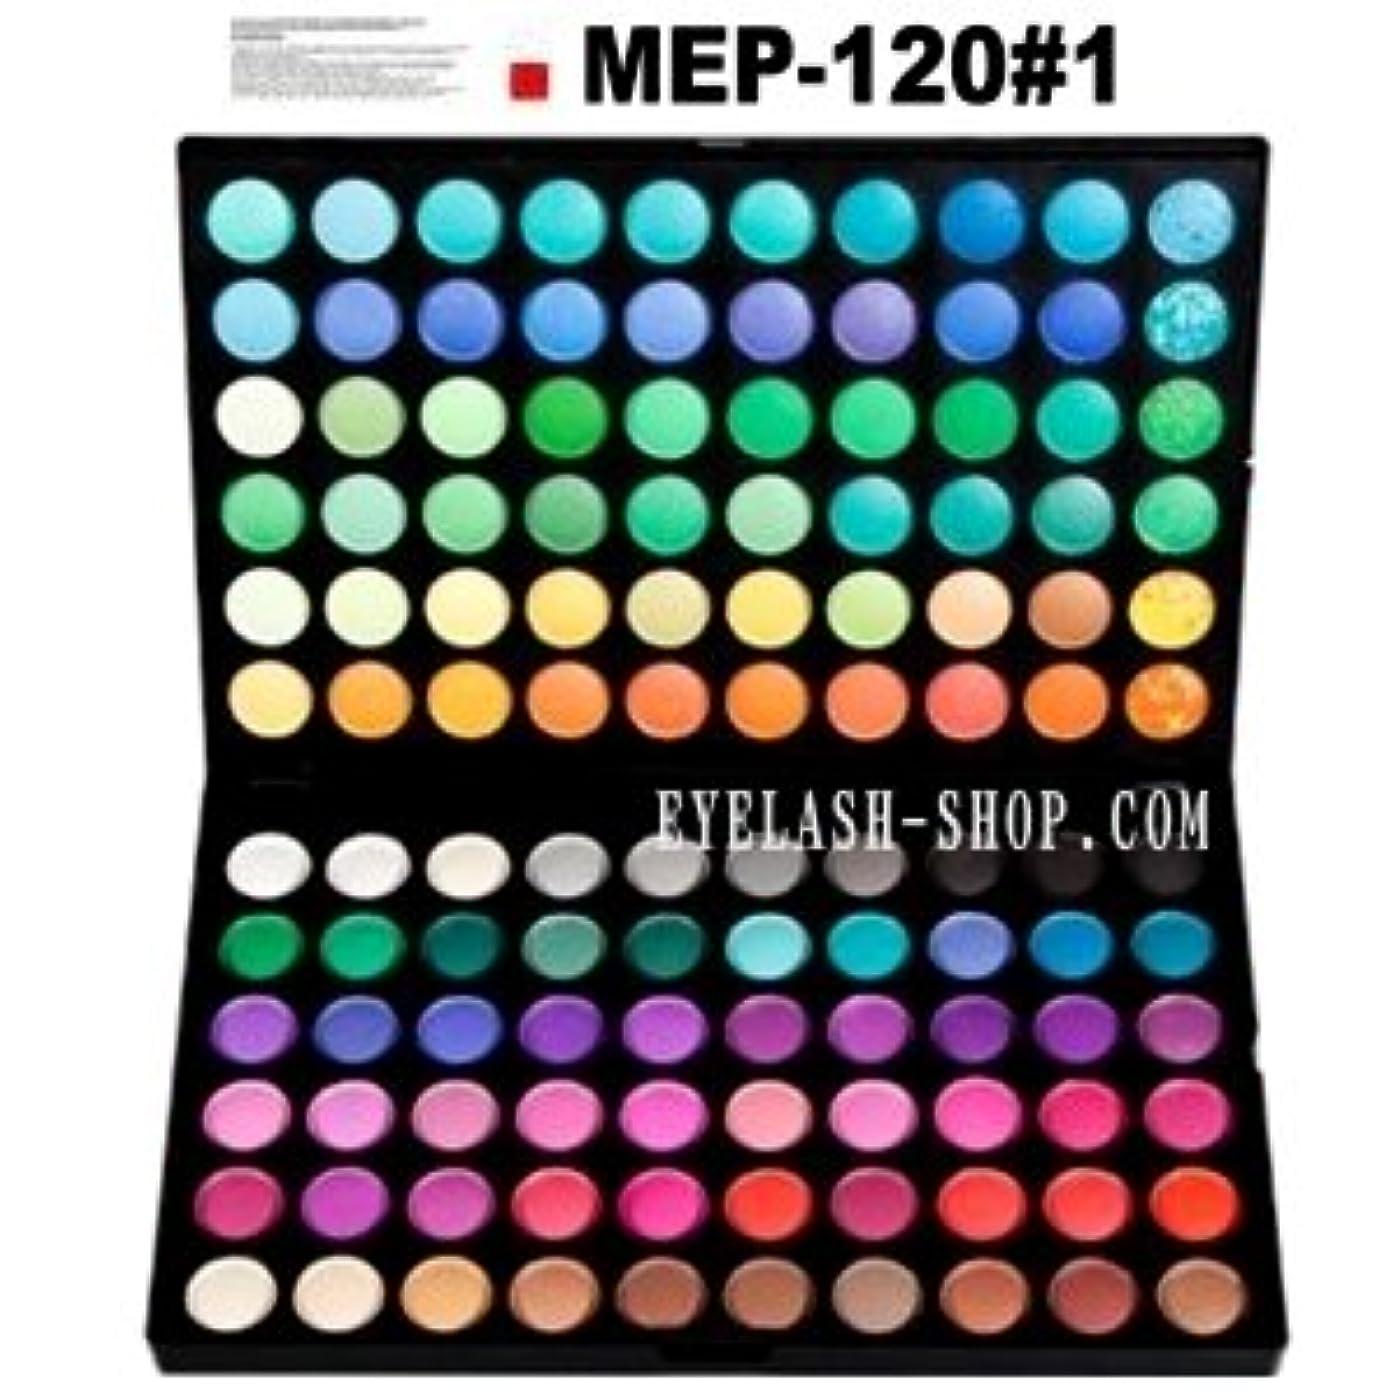 ヒステリック家主均等にアイシャドウパレット メイクパレット 120色 プロ用 アイシャドウ、アイズパレット MEP-120#01